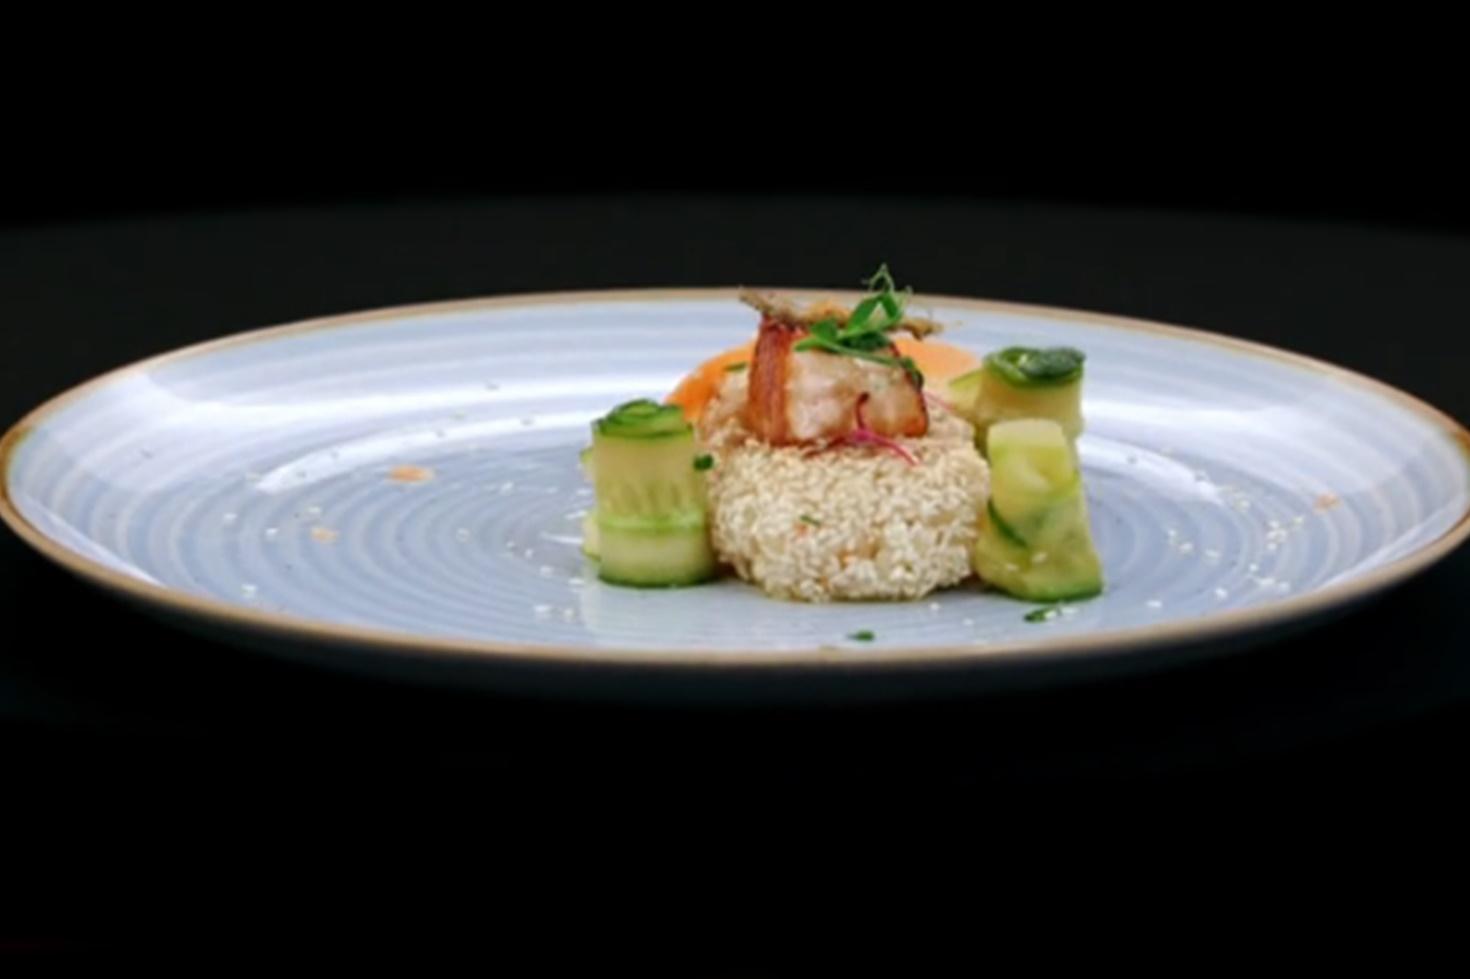 Chefi la cuțite, 8 iunie 2021. Somon teriyaki cu salată de castraveți și piele crocantă, rețeta concurentei Valentina Ioniță